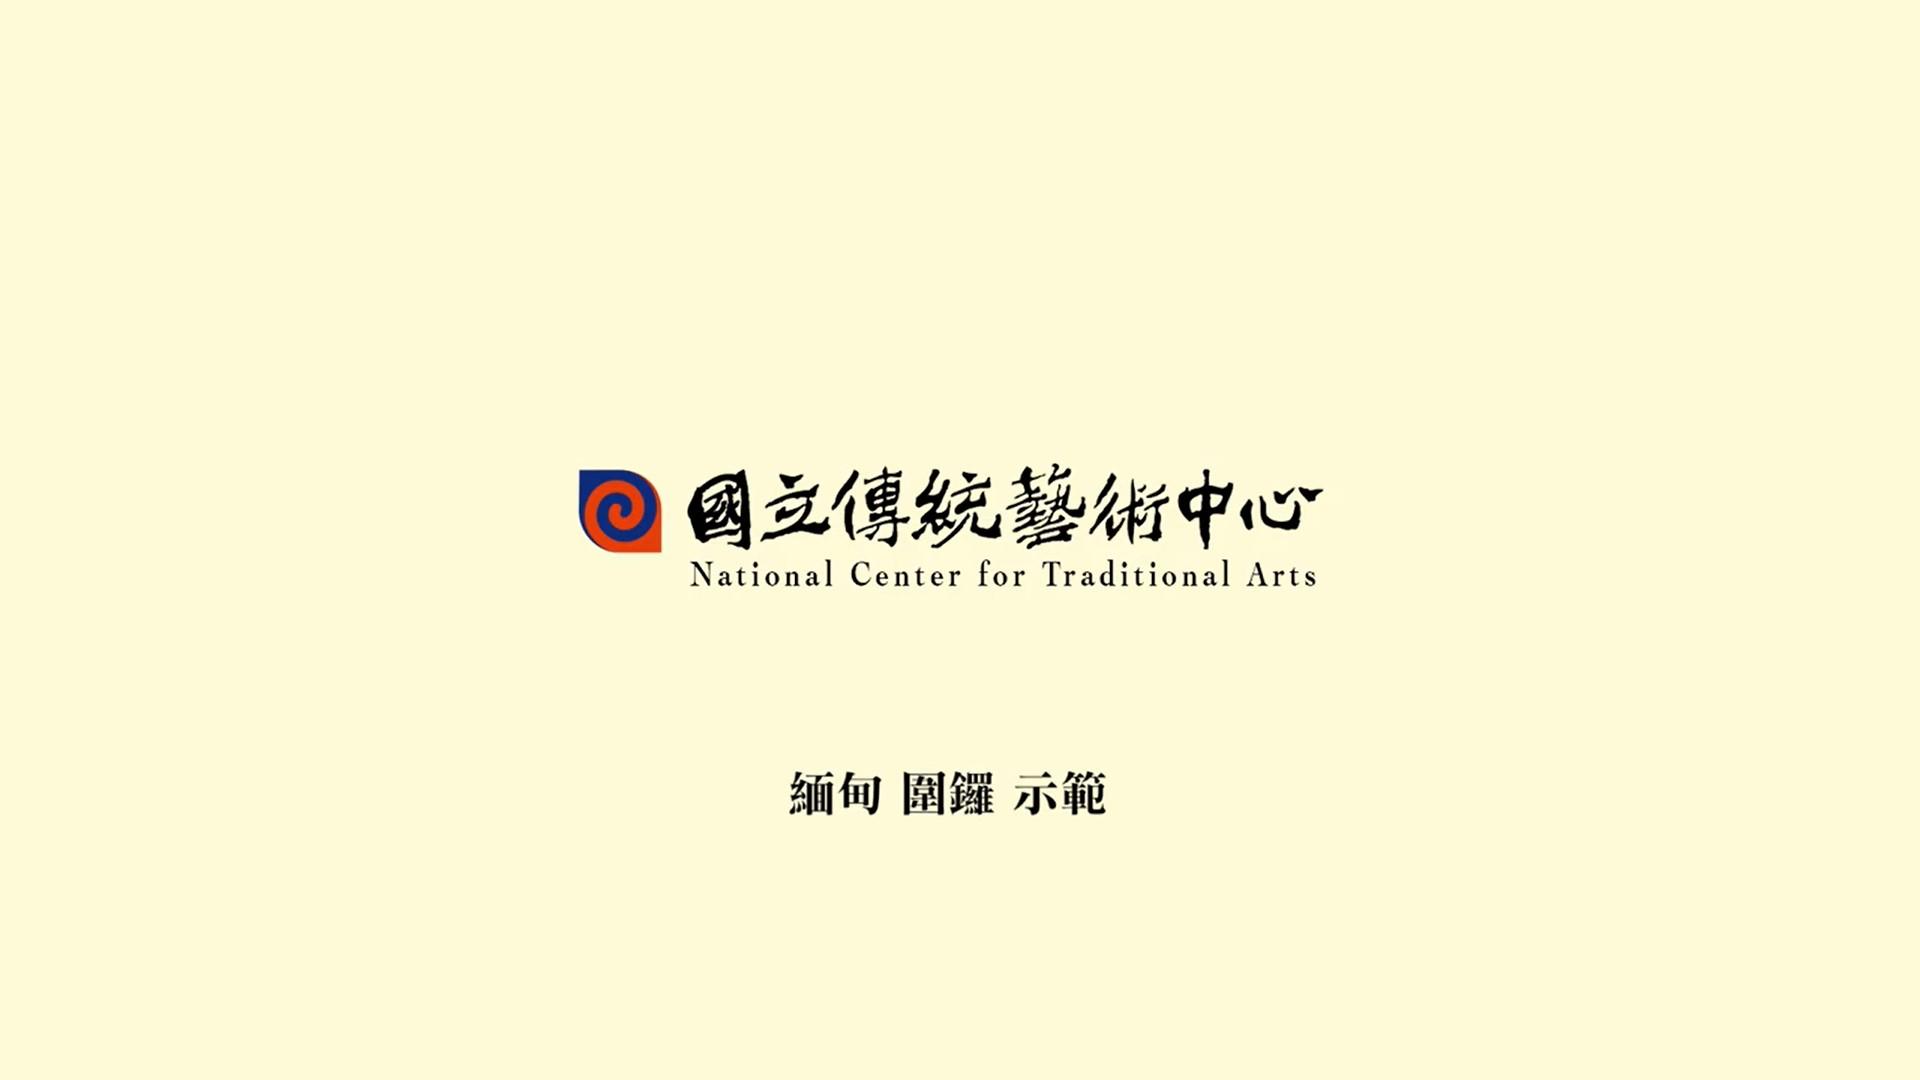 「亞太樂器常設展」樂器介紹-緬甸圍鑼